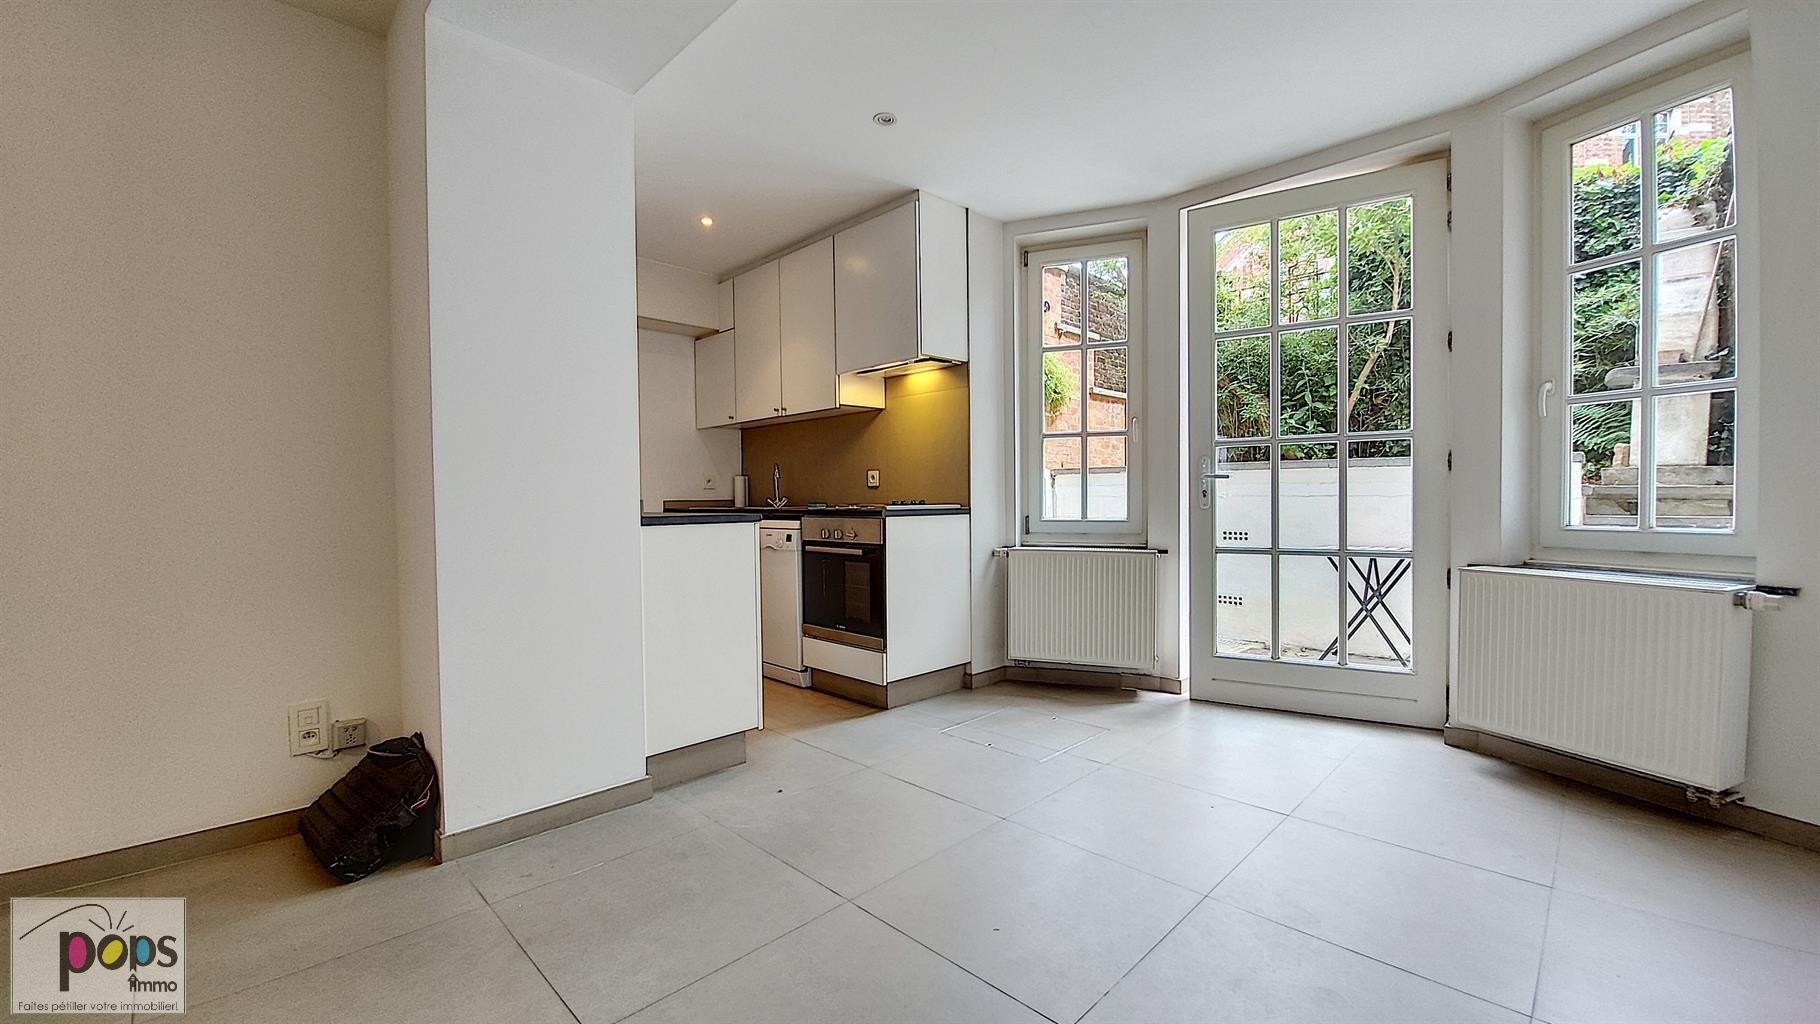 Appartement - Ixelles - #4388996-5